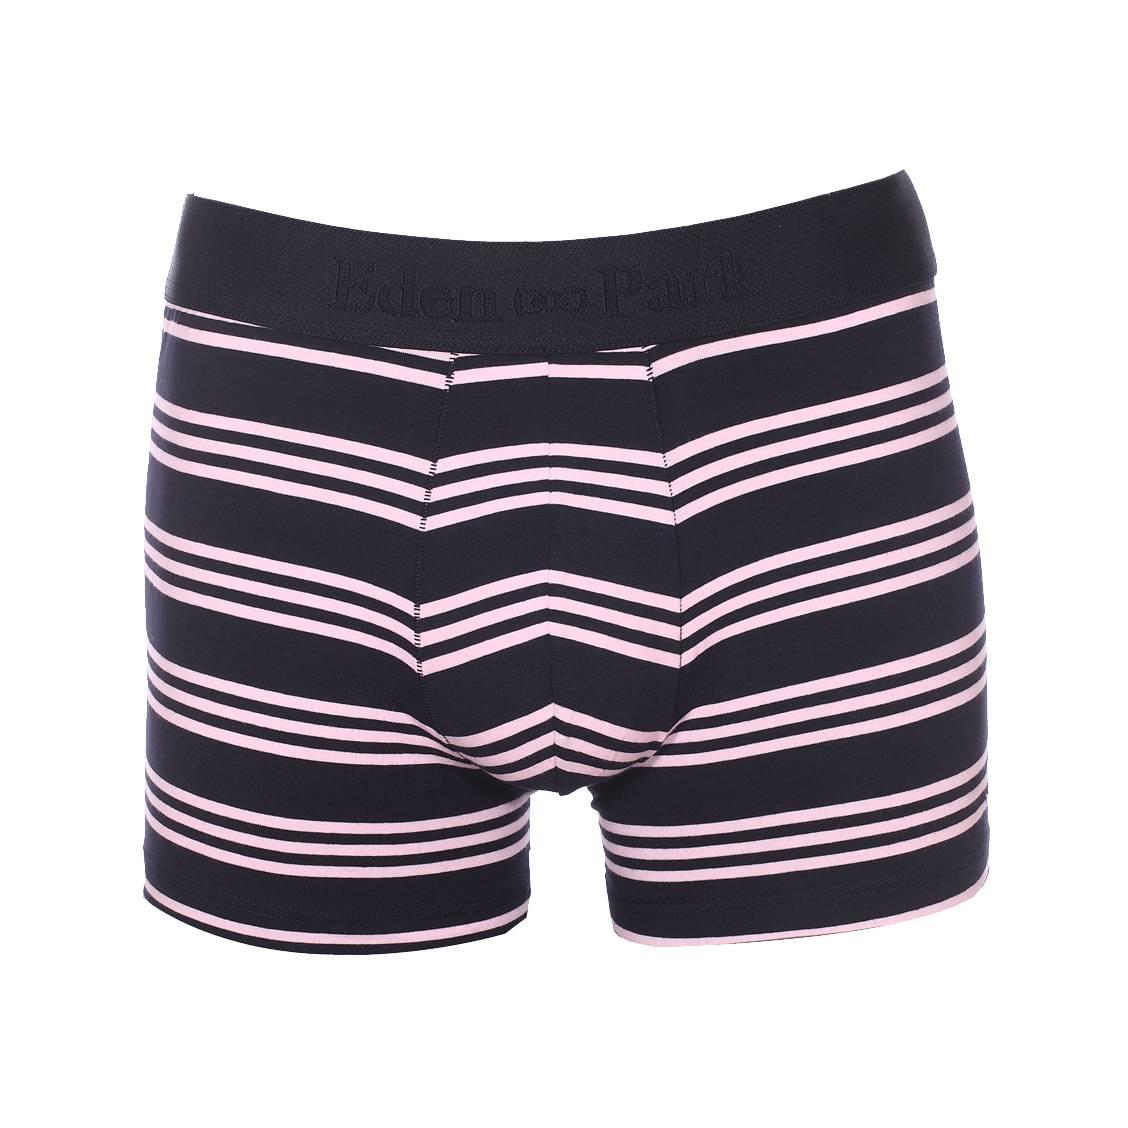 Boxer long  en coton stretch bleu marine à rayures rose pâle